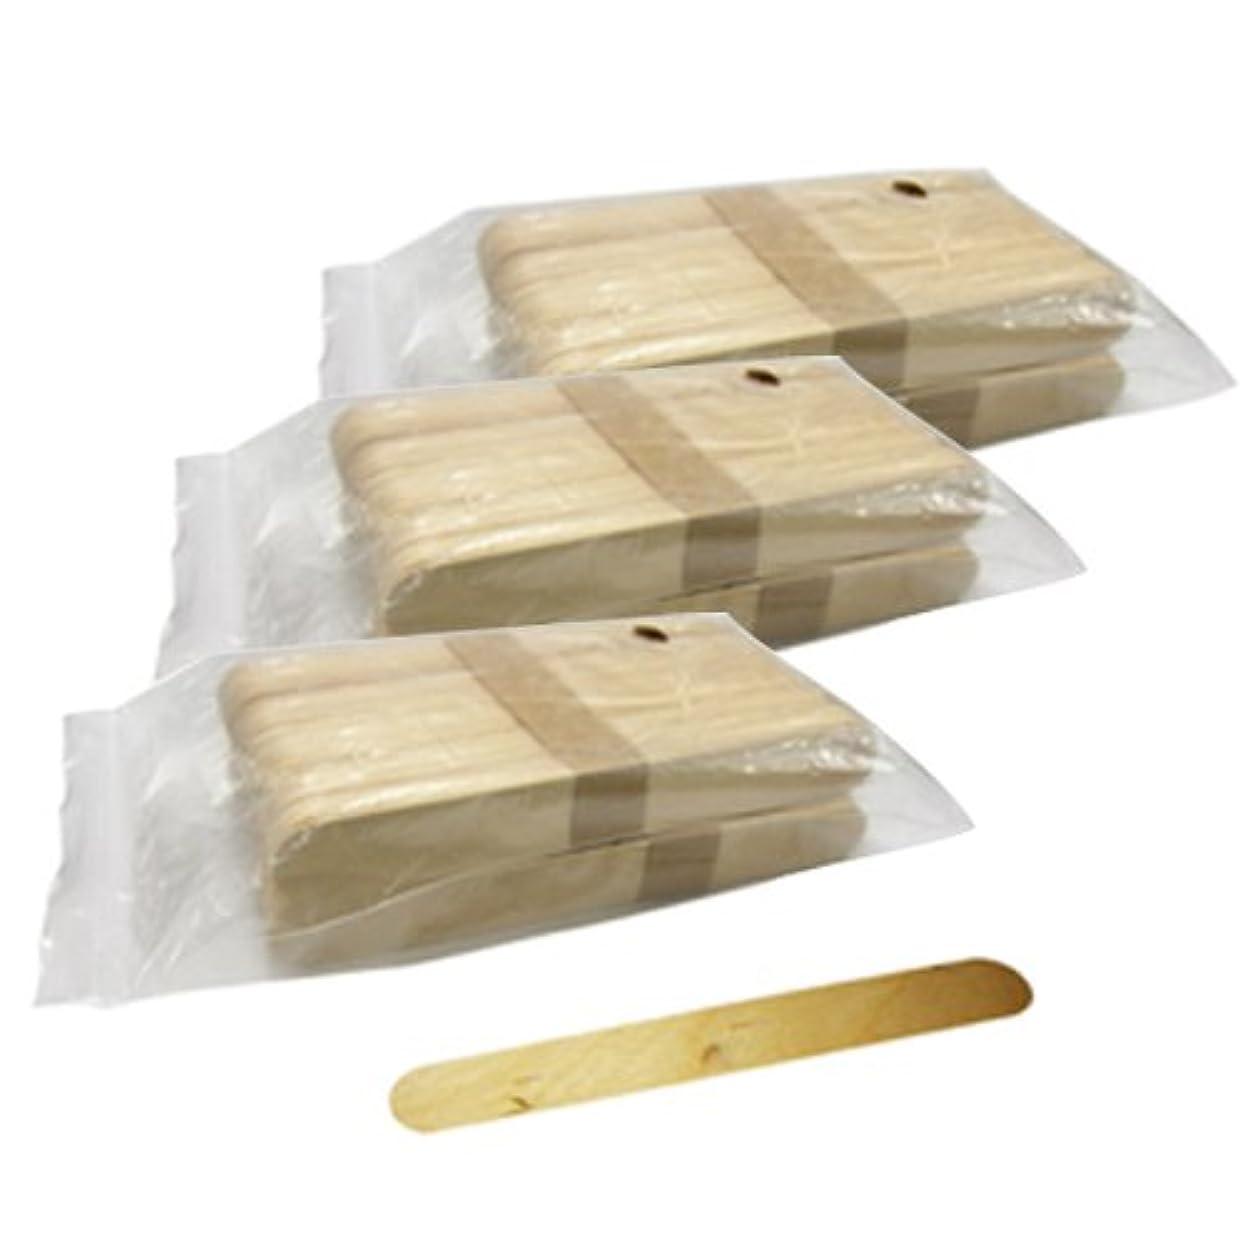 聖歌資源工業用使い捨て【木ベラ/ウッドスパチュラ】(業務用100枚入り) × 3袋セット(計300枚)/WAX脱毛等や舌厚子にも …